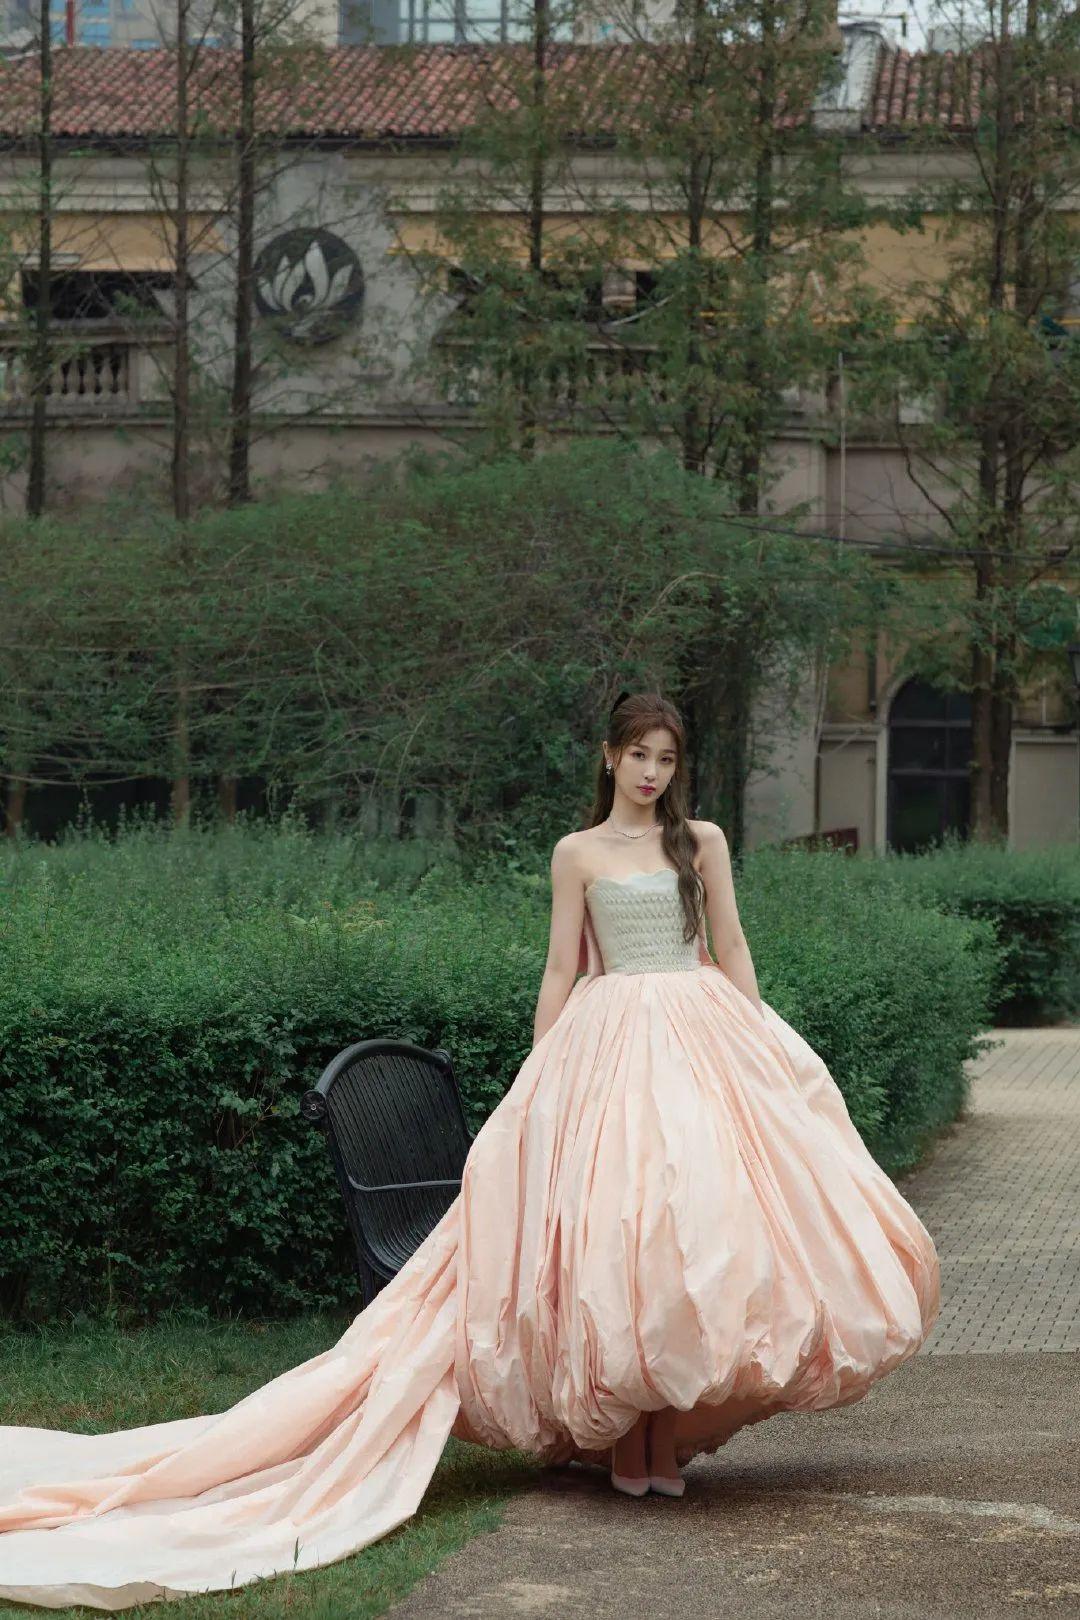 虞书欣说是女团门面不过分吧?穿一袭花苞抹胸裙,看着像在逃公主